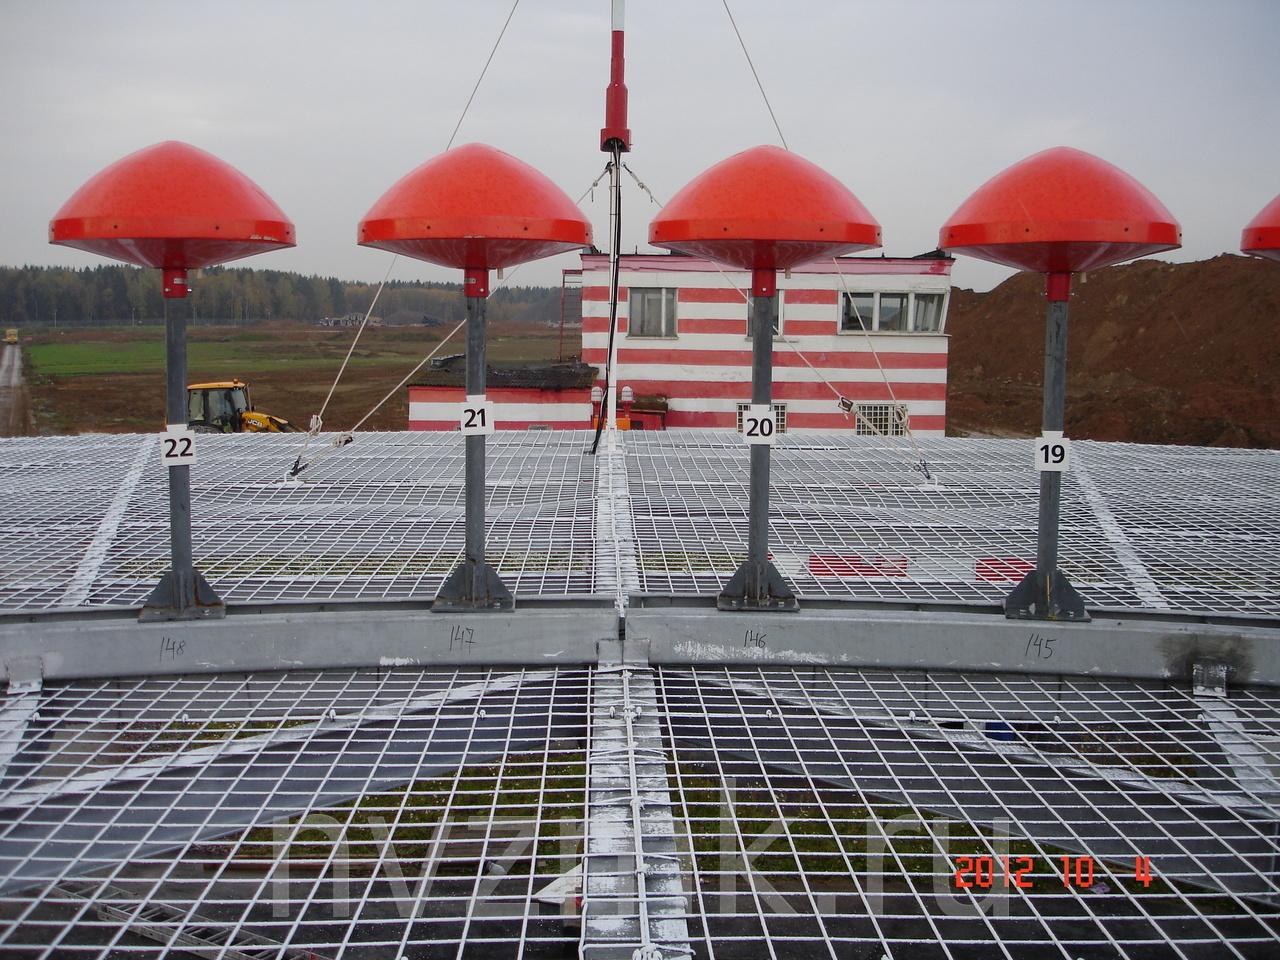 Металлоконструкции радиомаяка DVOR доплеровского азимутального и дальномерного